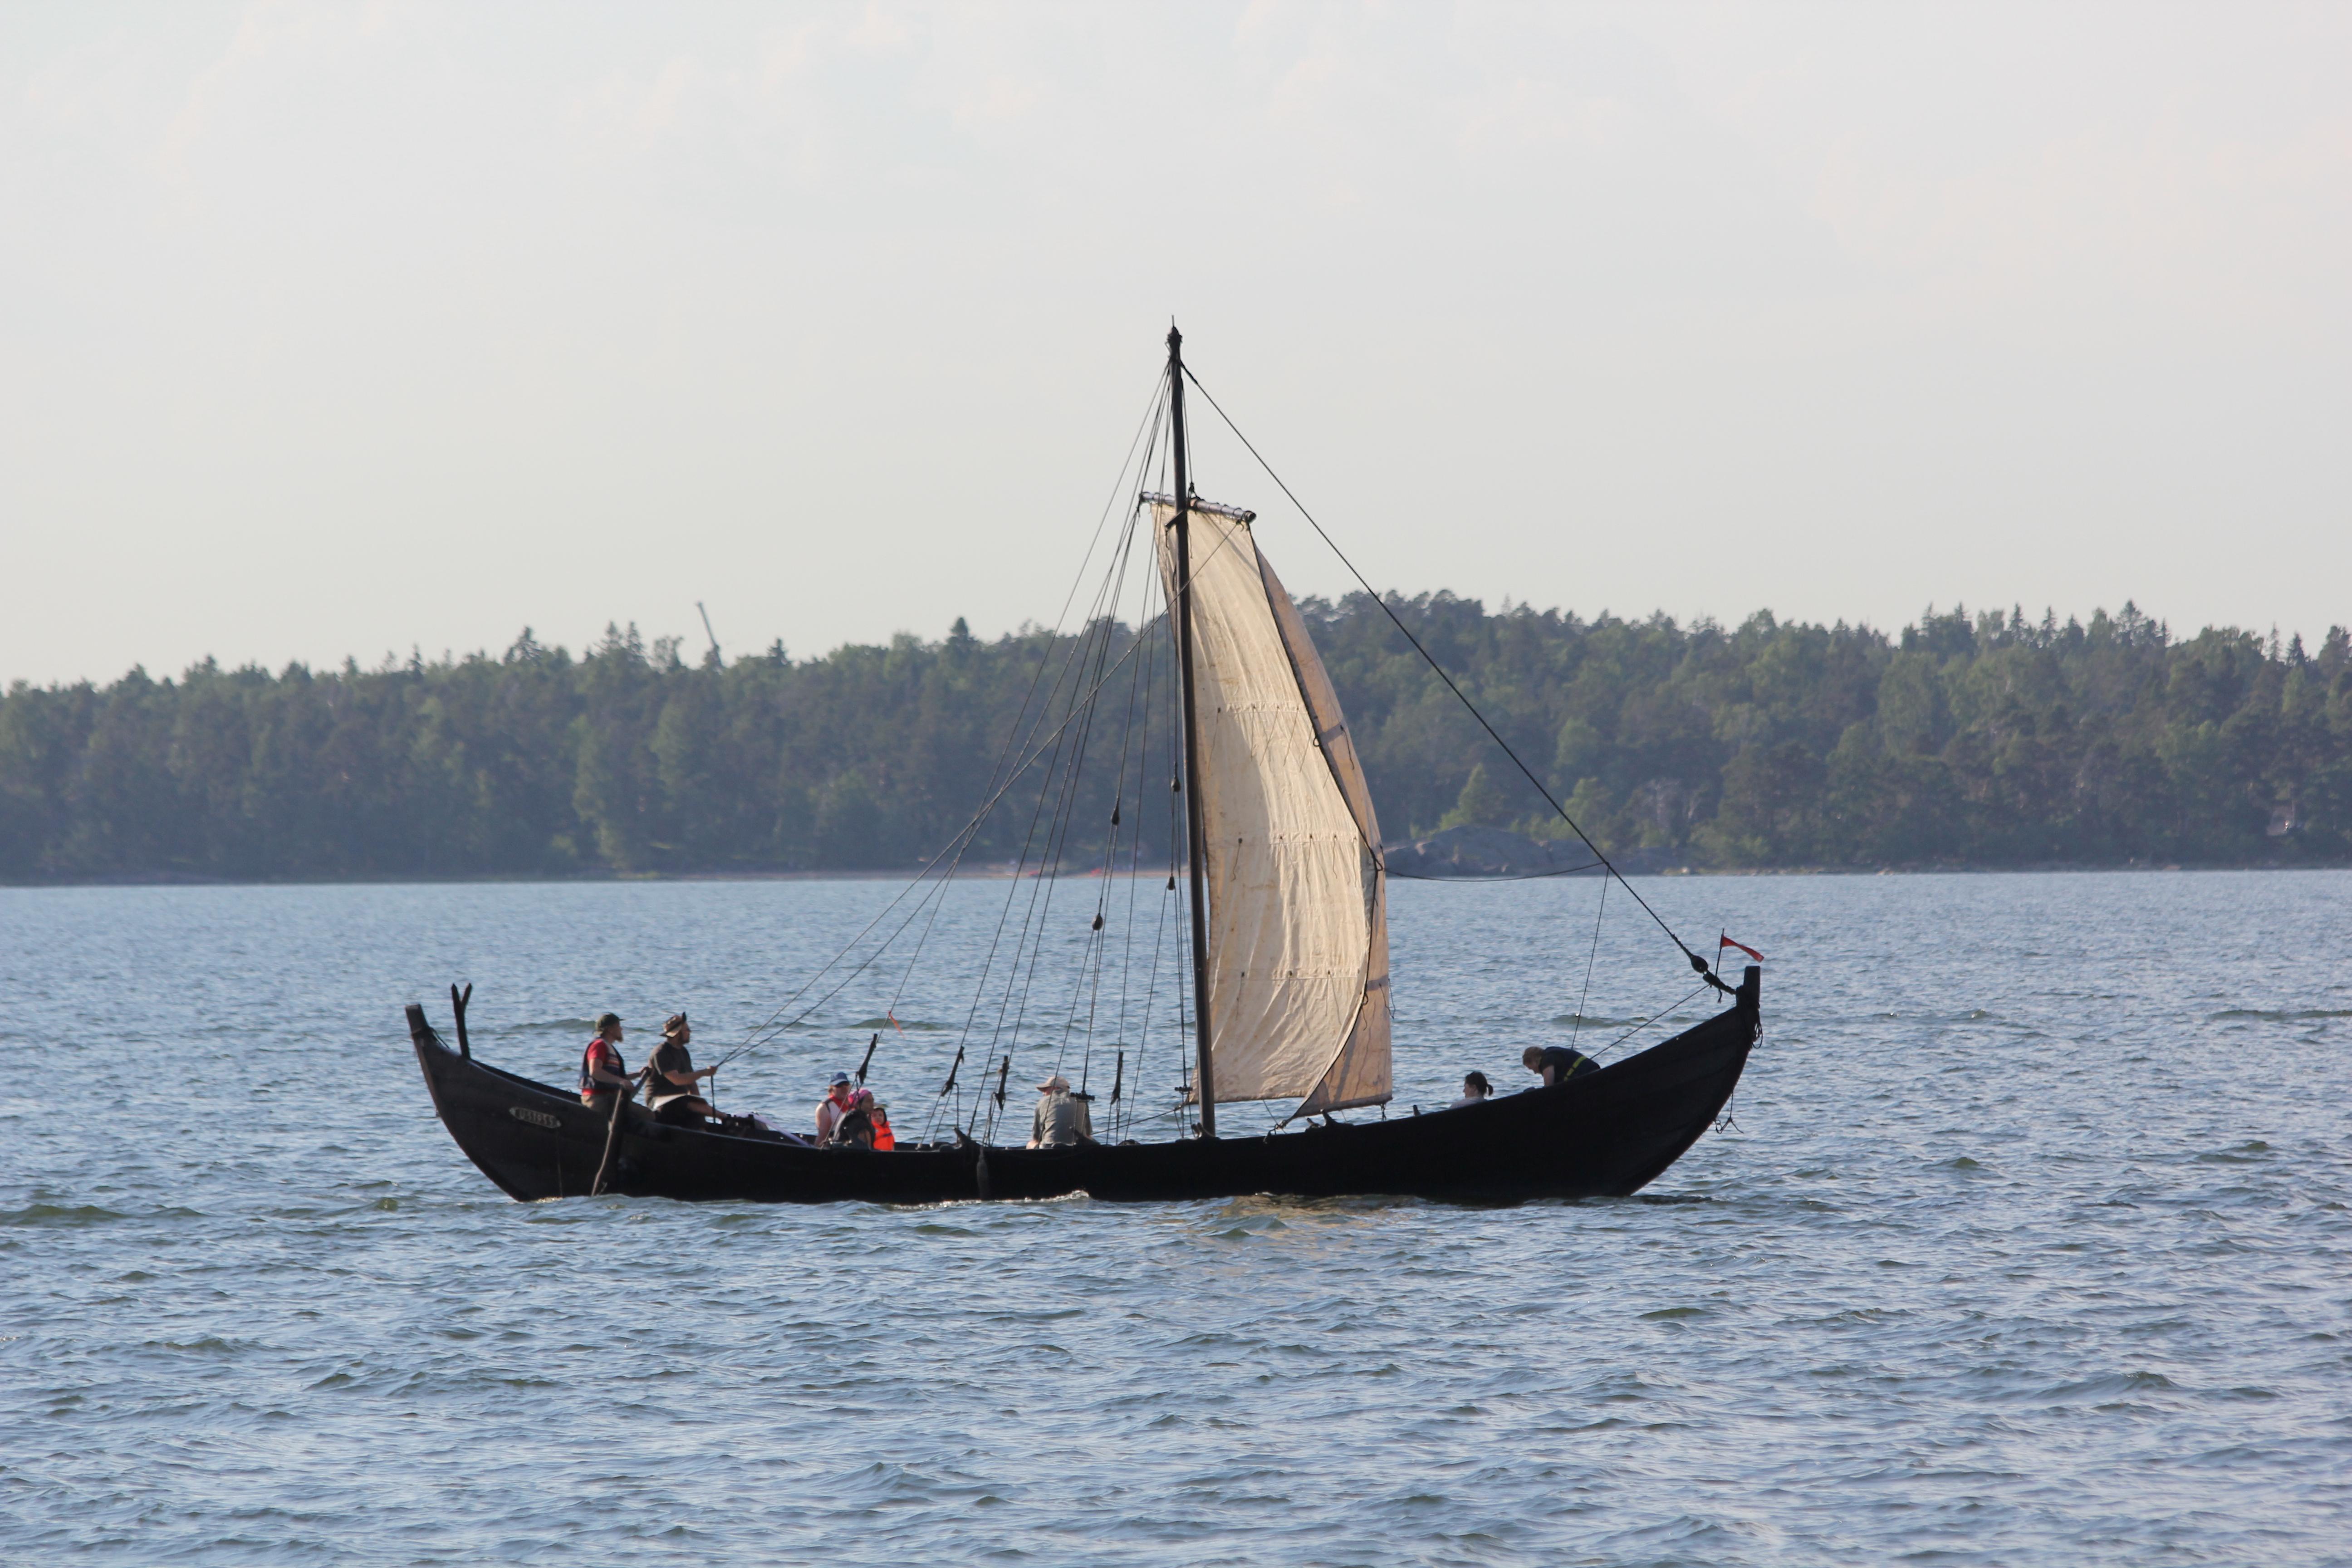 File:Old boat Helsinki 1.JPG - Wikimedia Commons